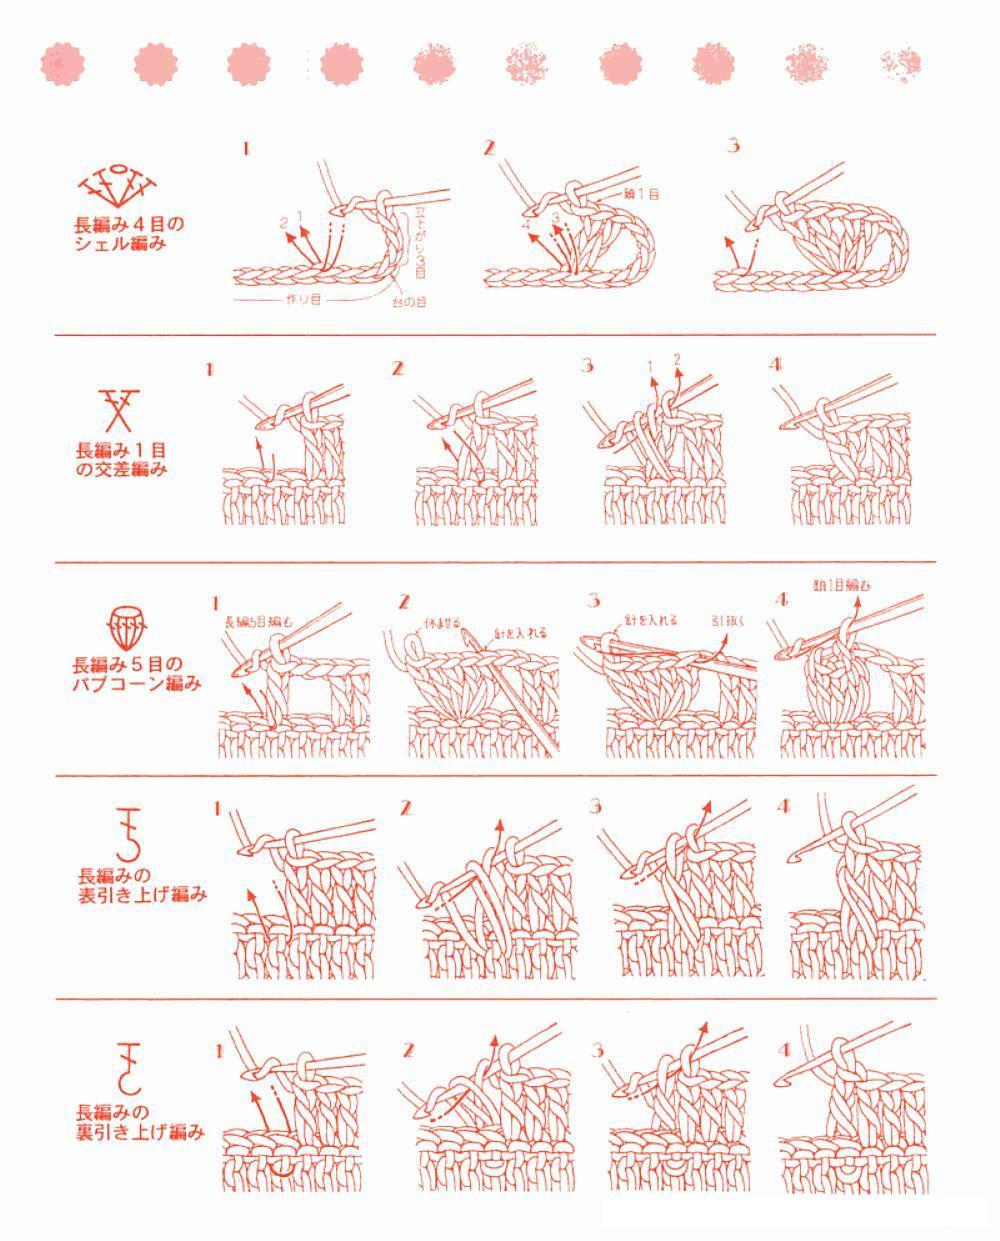 crochet y dos agujas (palitos): Guía de Puntos en Crochet (Diagramas